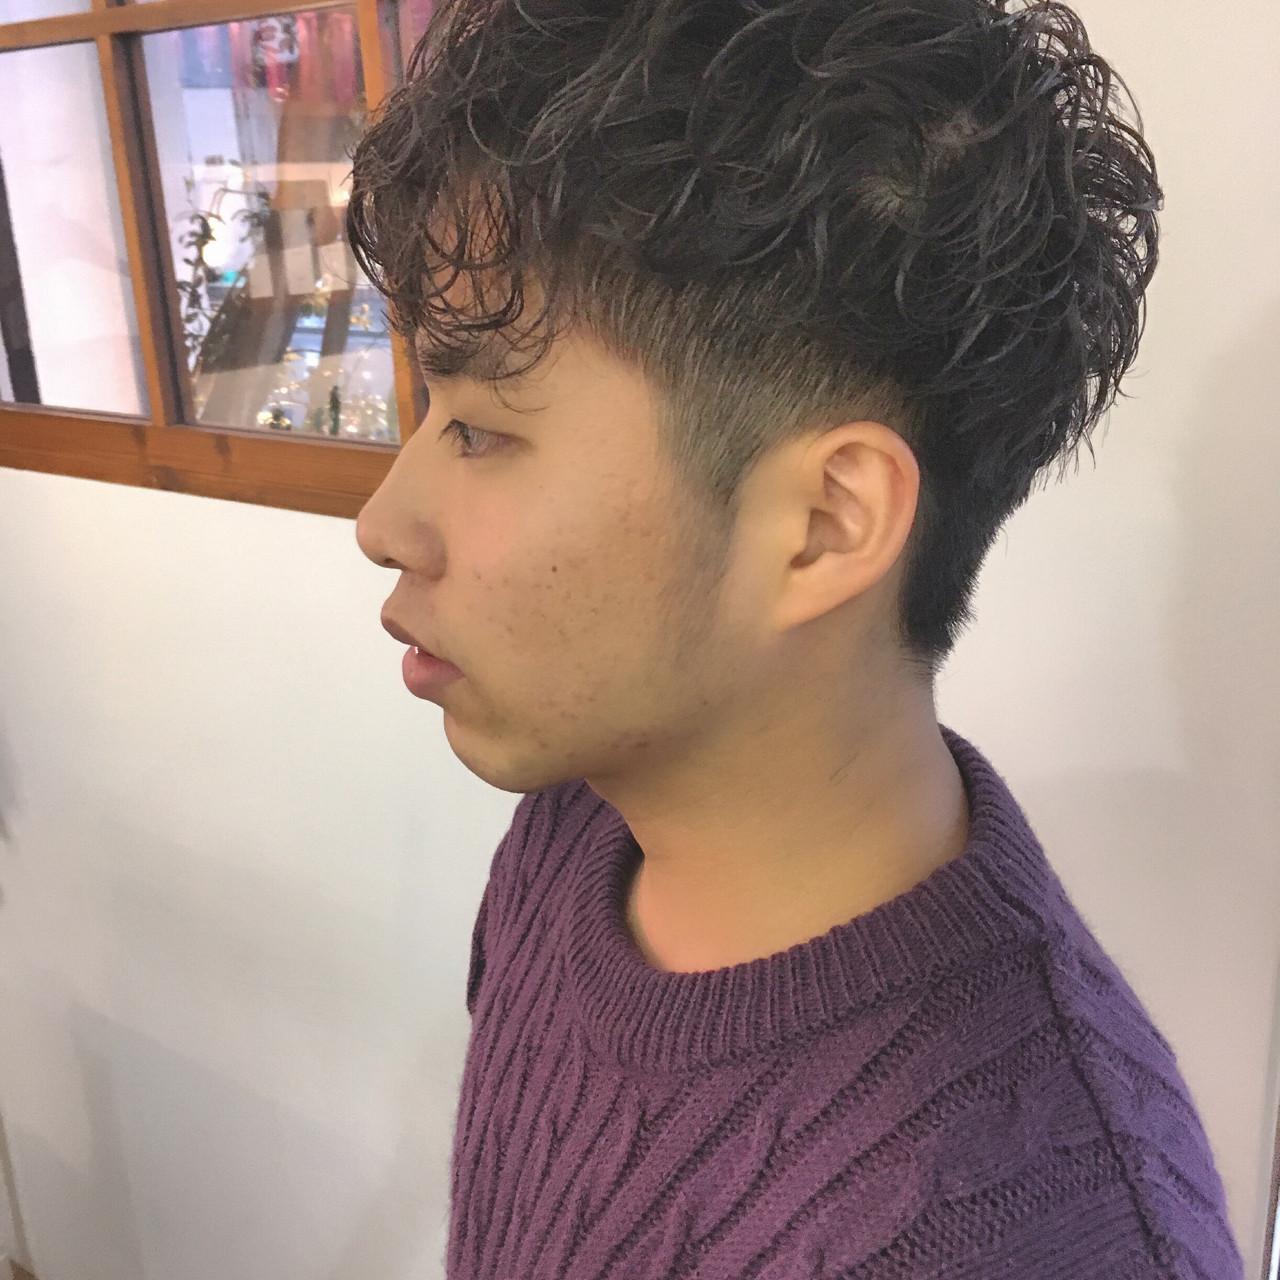 メンズショート ストリート メンズカジュアル メンズカット ヘアスタイルや髪型の写真・画像